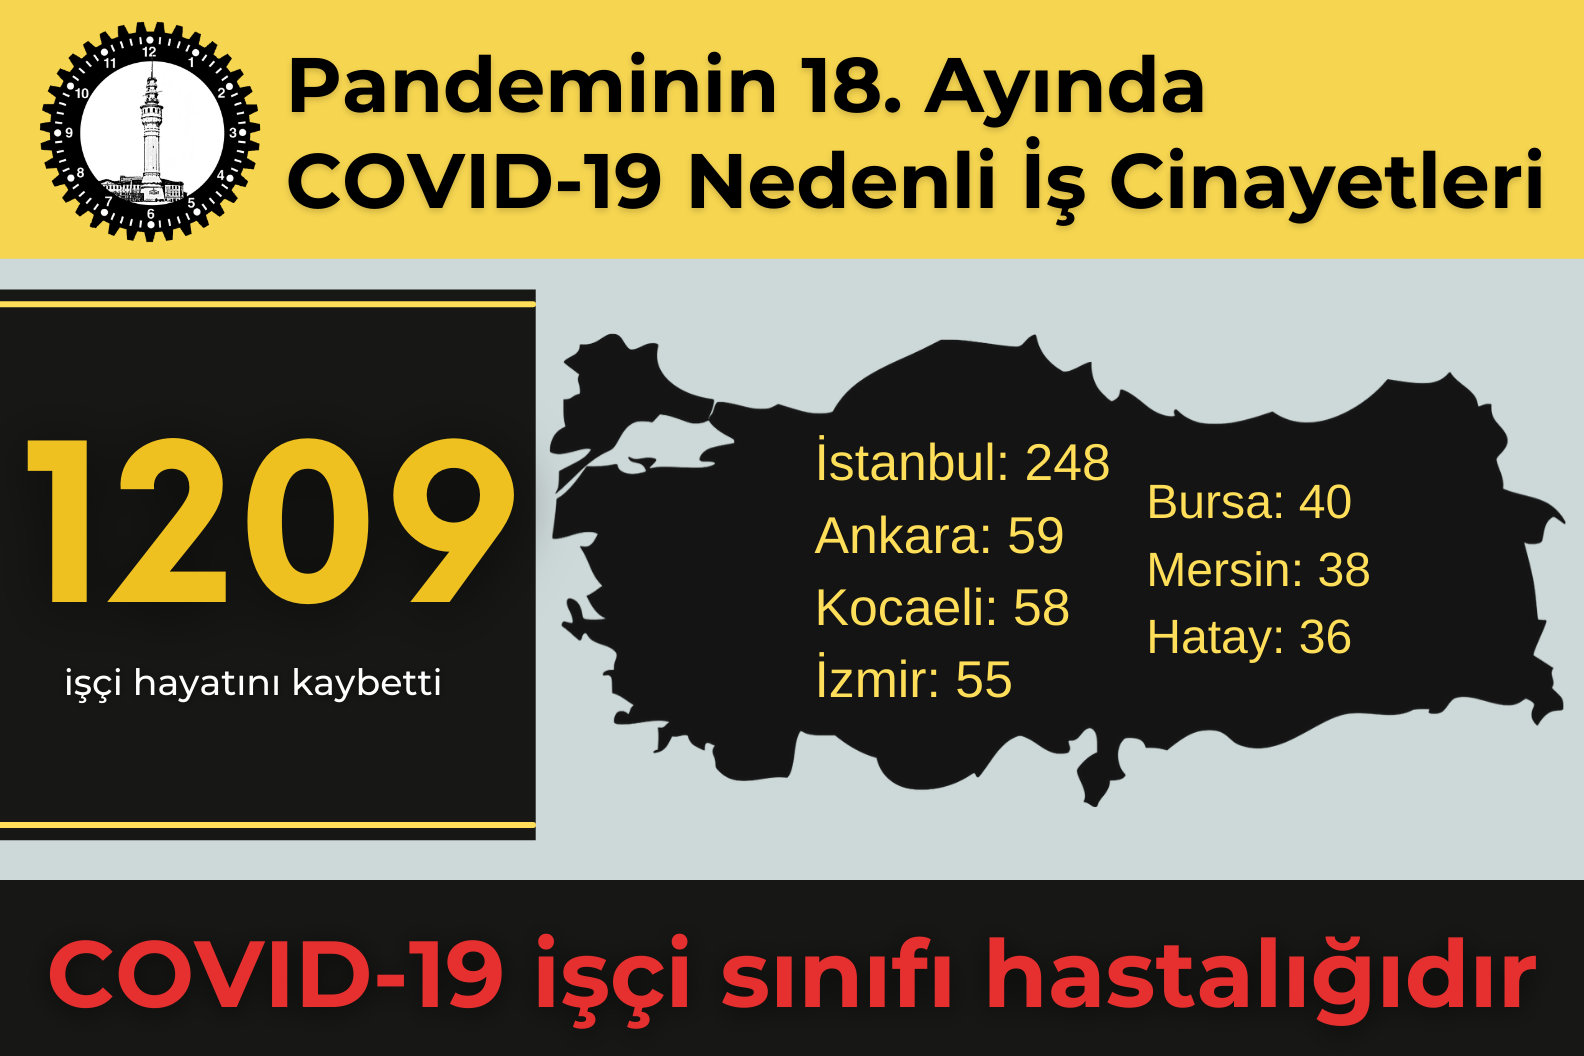 Covid-19 Bir İşçi Sınıfı Hastalığıdır… Salgının on sekizinci ayında en az 1209 işçi Covid-19 nedeniyle hayatını kaybetti